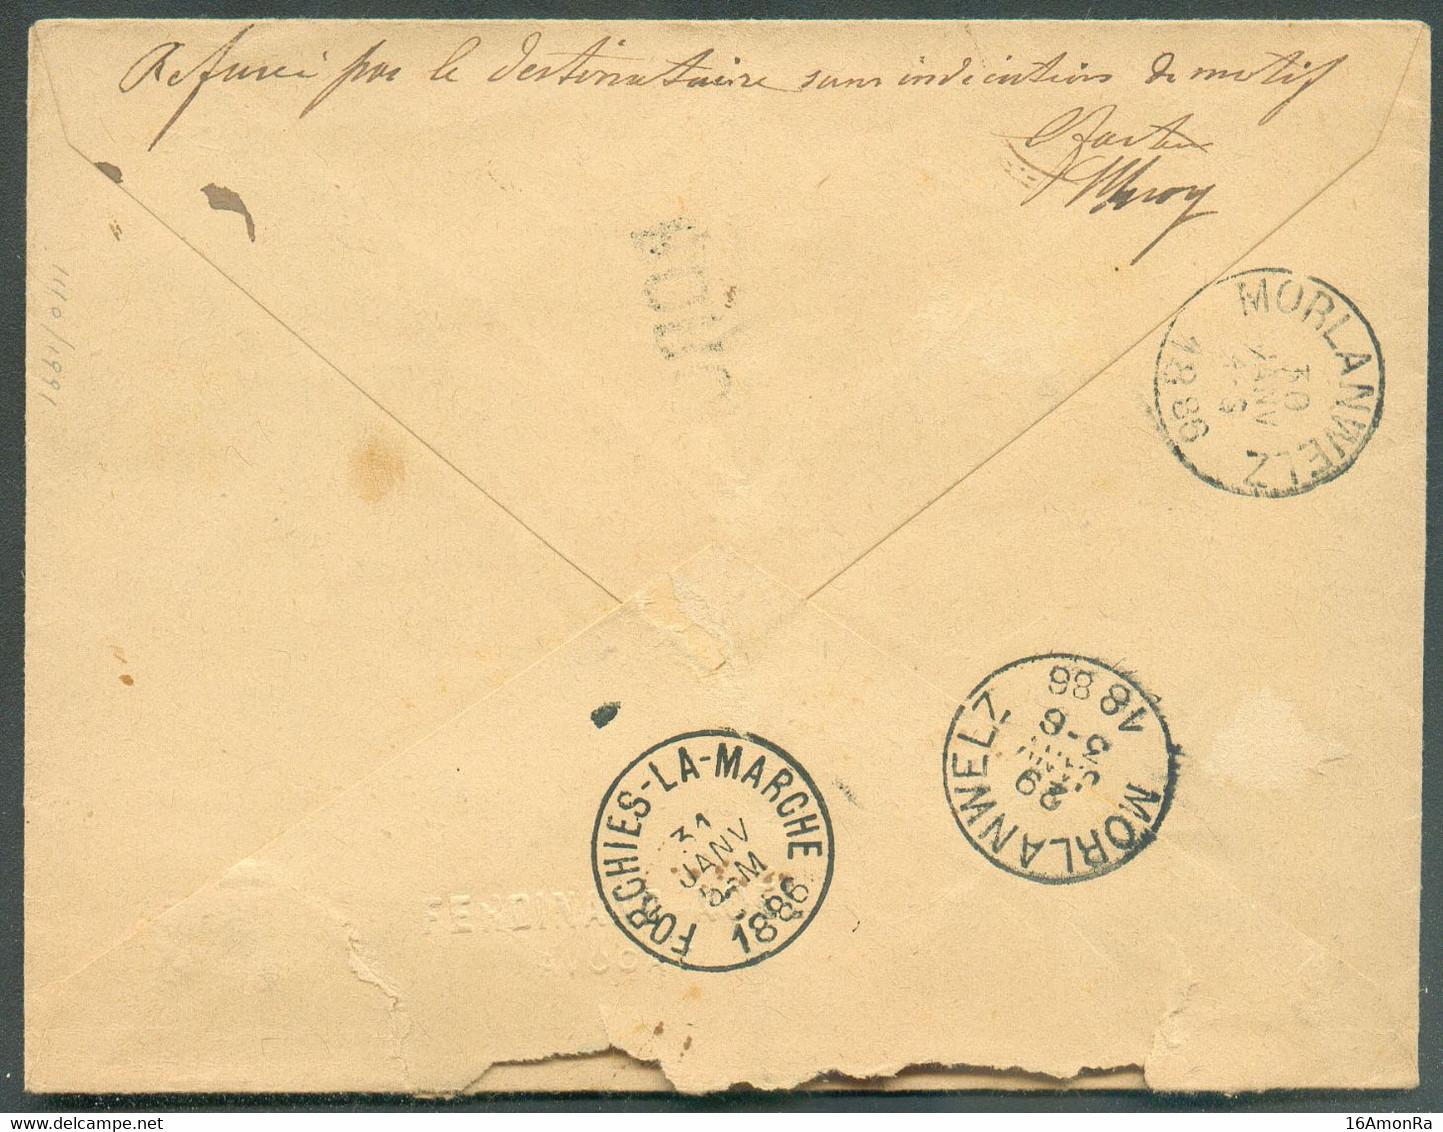 N°46-48 - 10 Et 25 Centimes Emission 1884, Obl. Sc FORCHIES-LA-MARCHE Sur Enveloppe Recommandée Du 29 Janvier 1886 Vers - 1884-1891 Leopoldo II